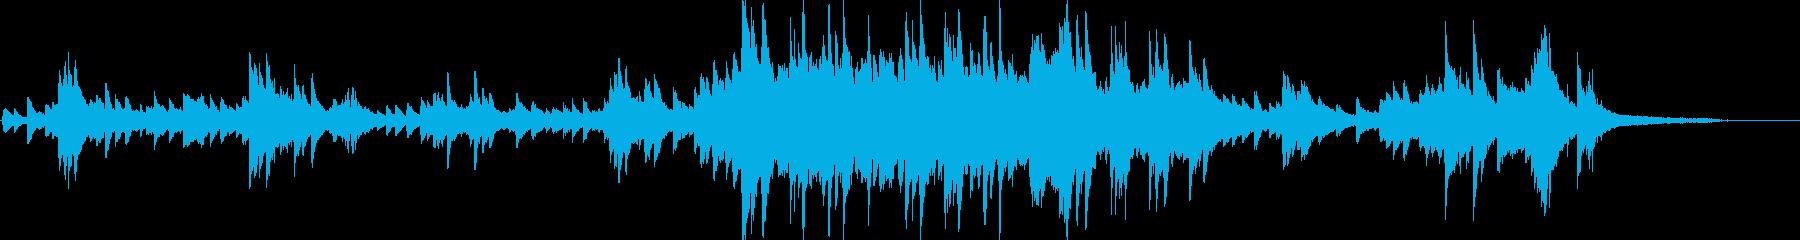 暖かく心情に訴えかけるピアノソロアレンジの再生済みの波形